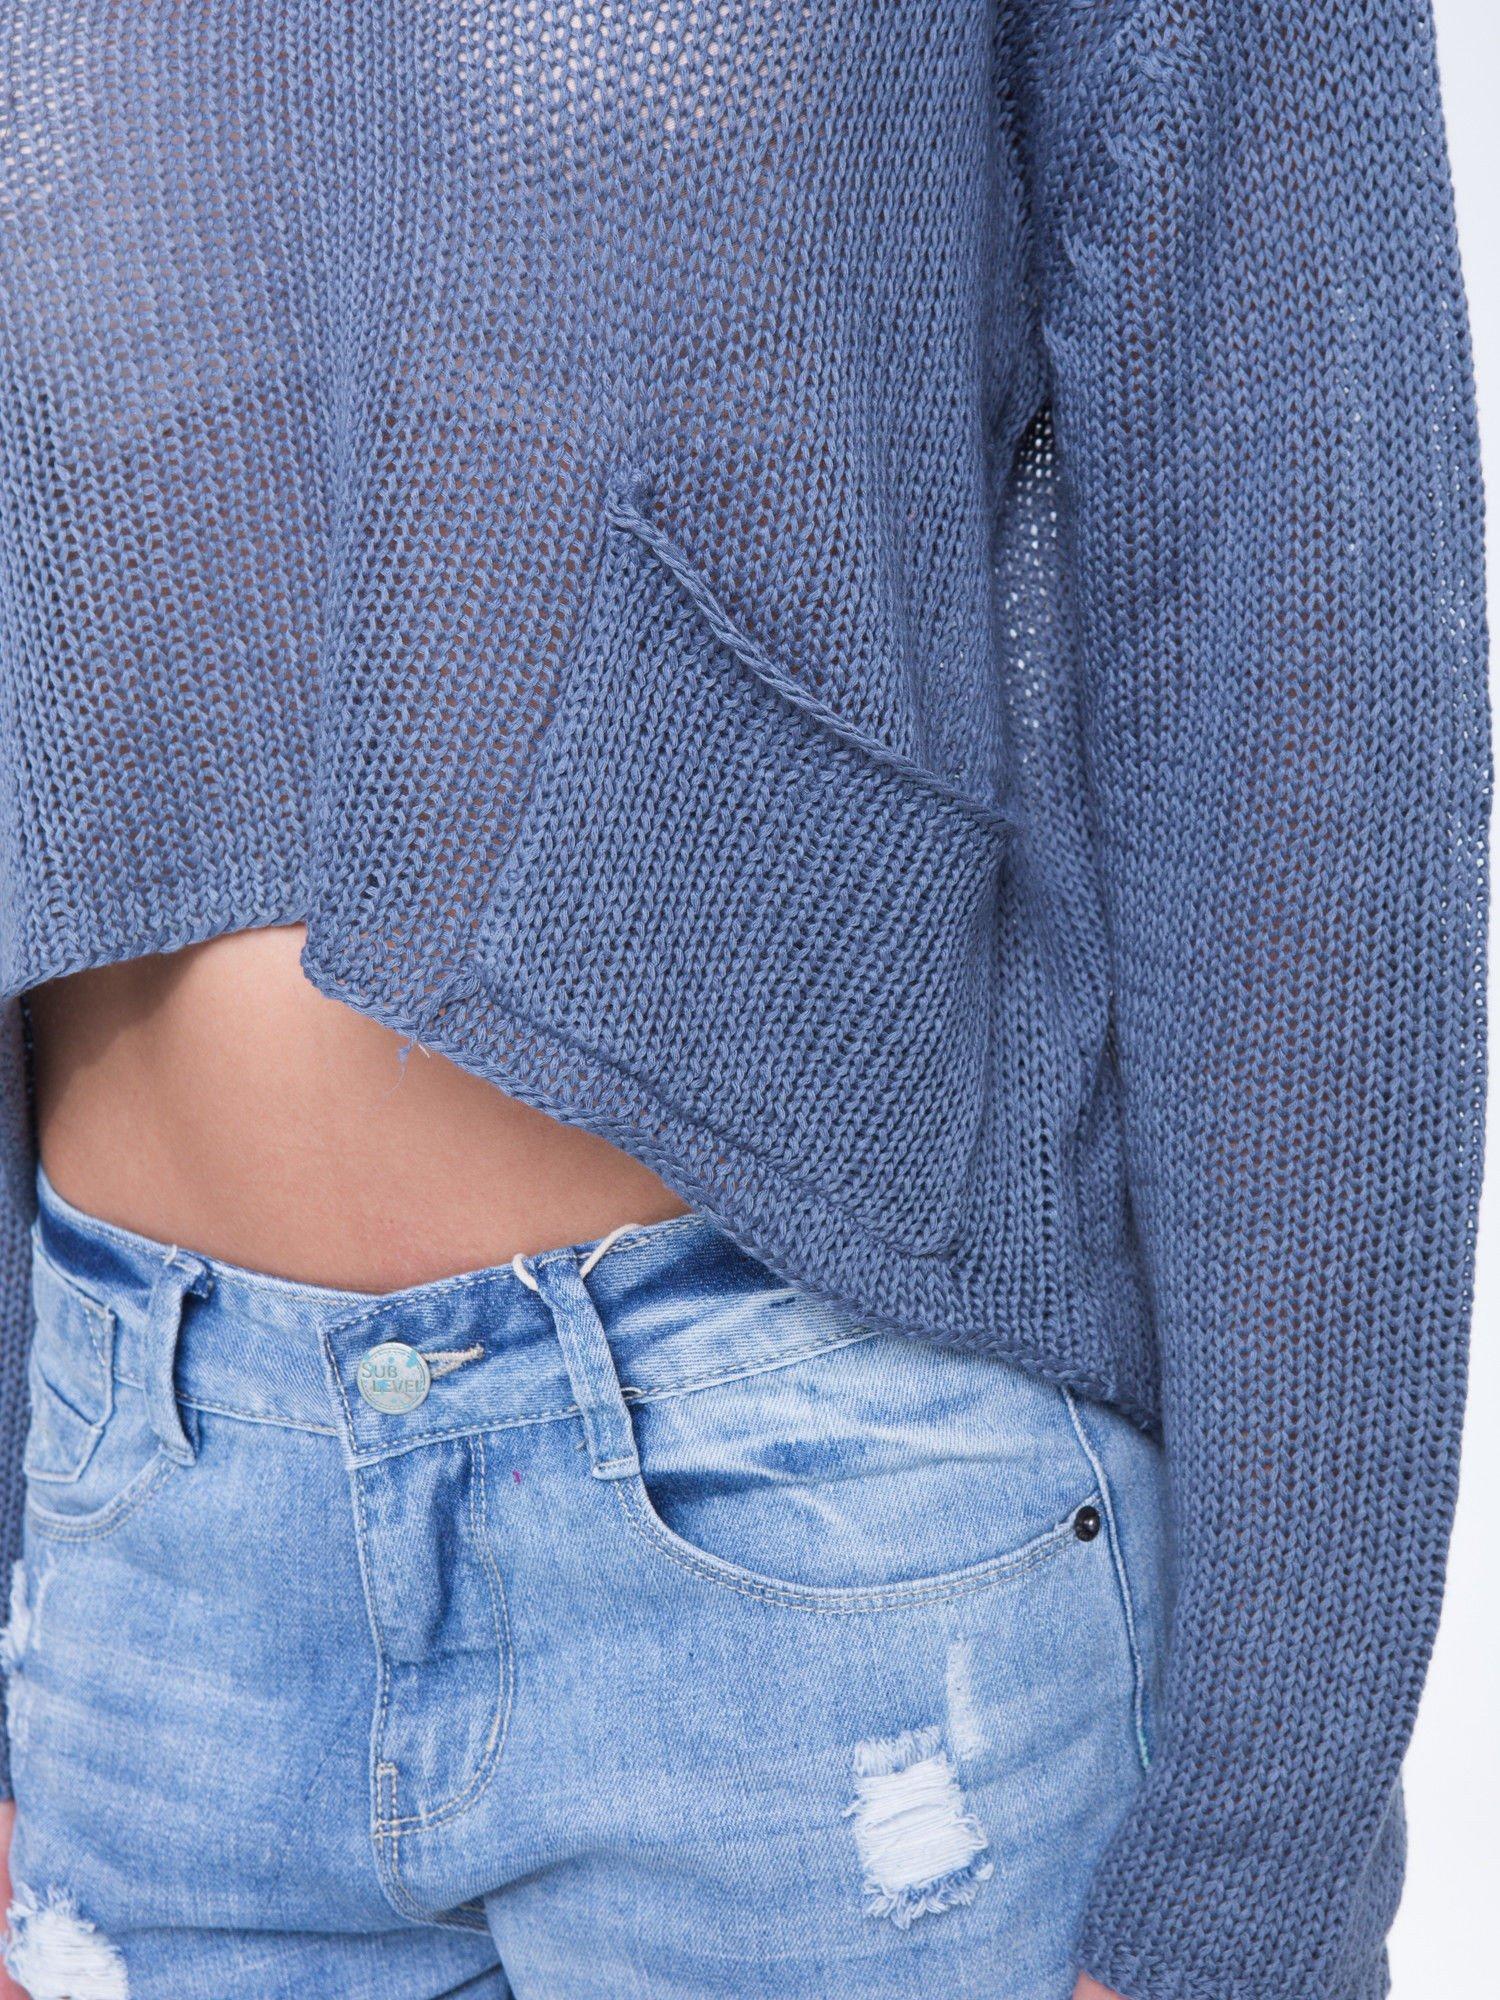 Niebieski siatkowy sweter typu crop top                                  zdj.                                  5